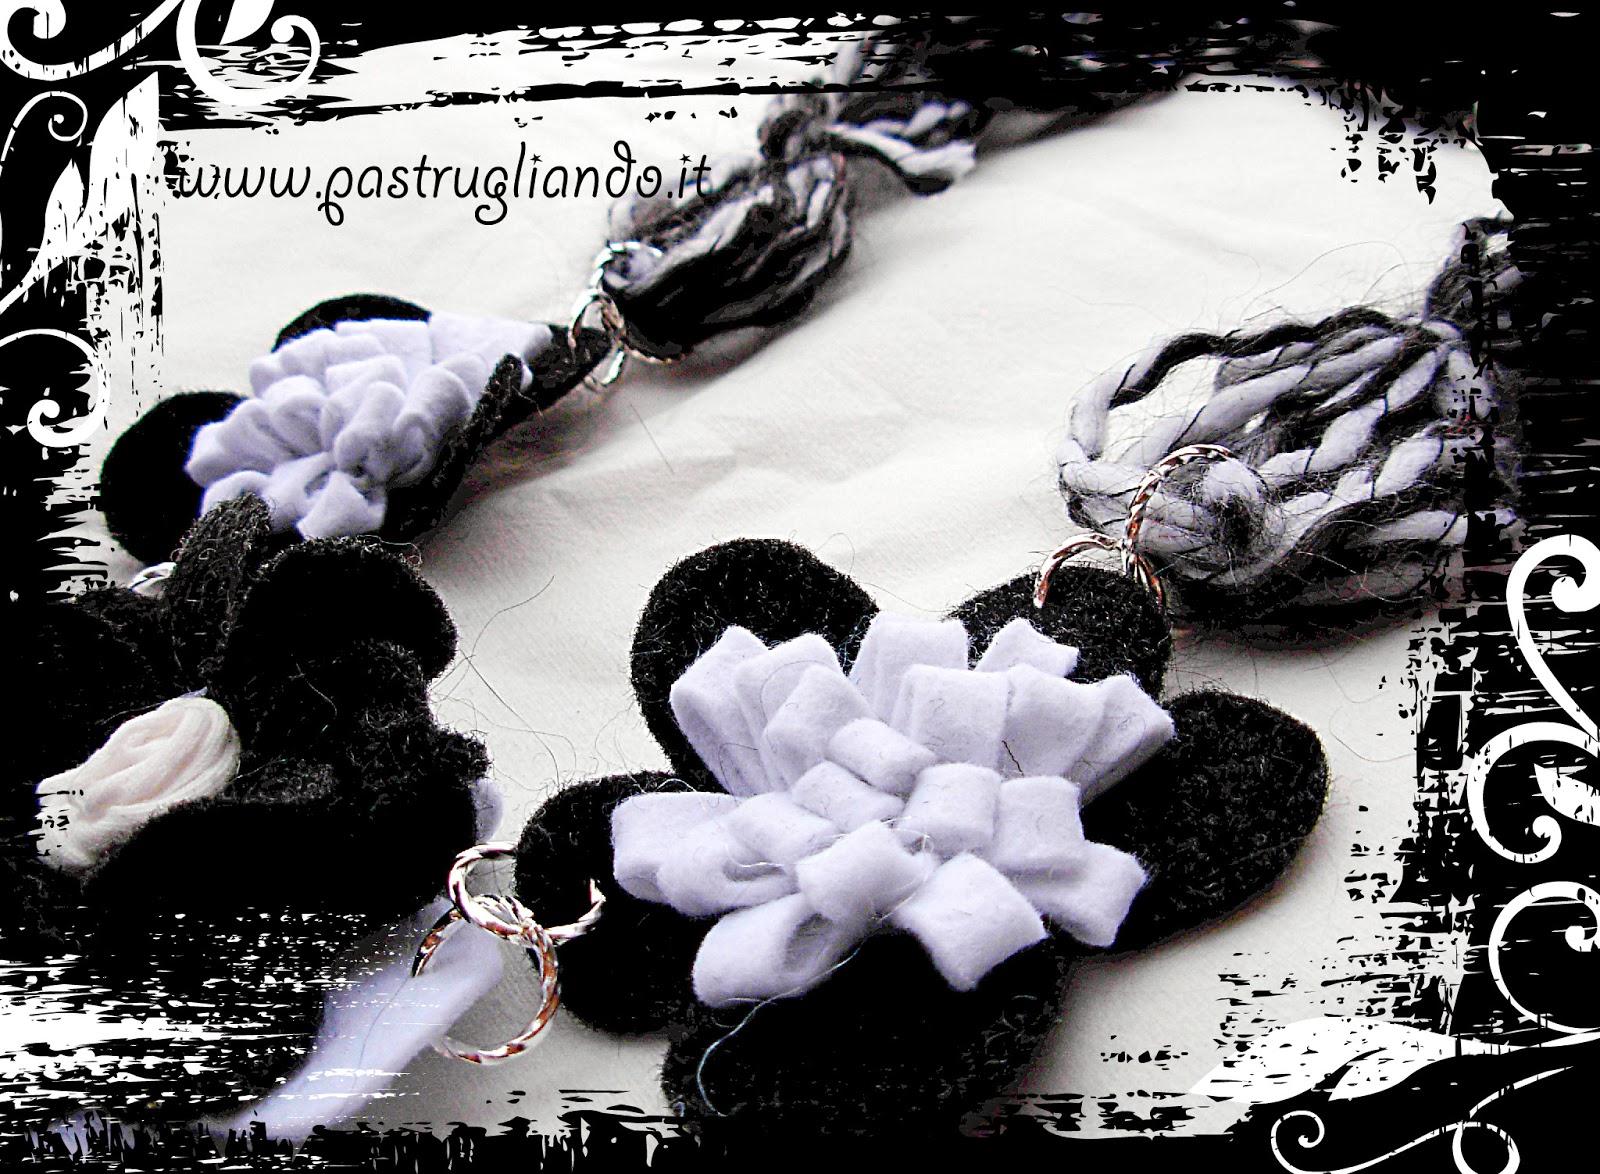 raccogliere dai un'occhiata alta moda Pastrugliando: ancora lana...